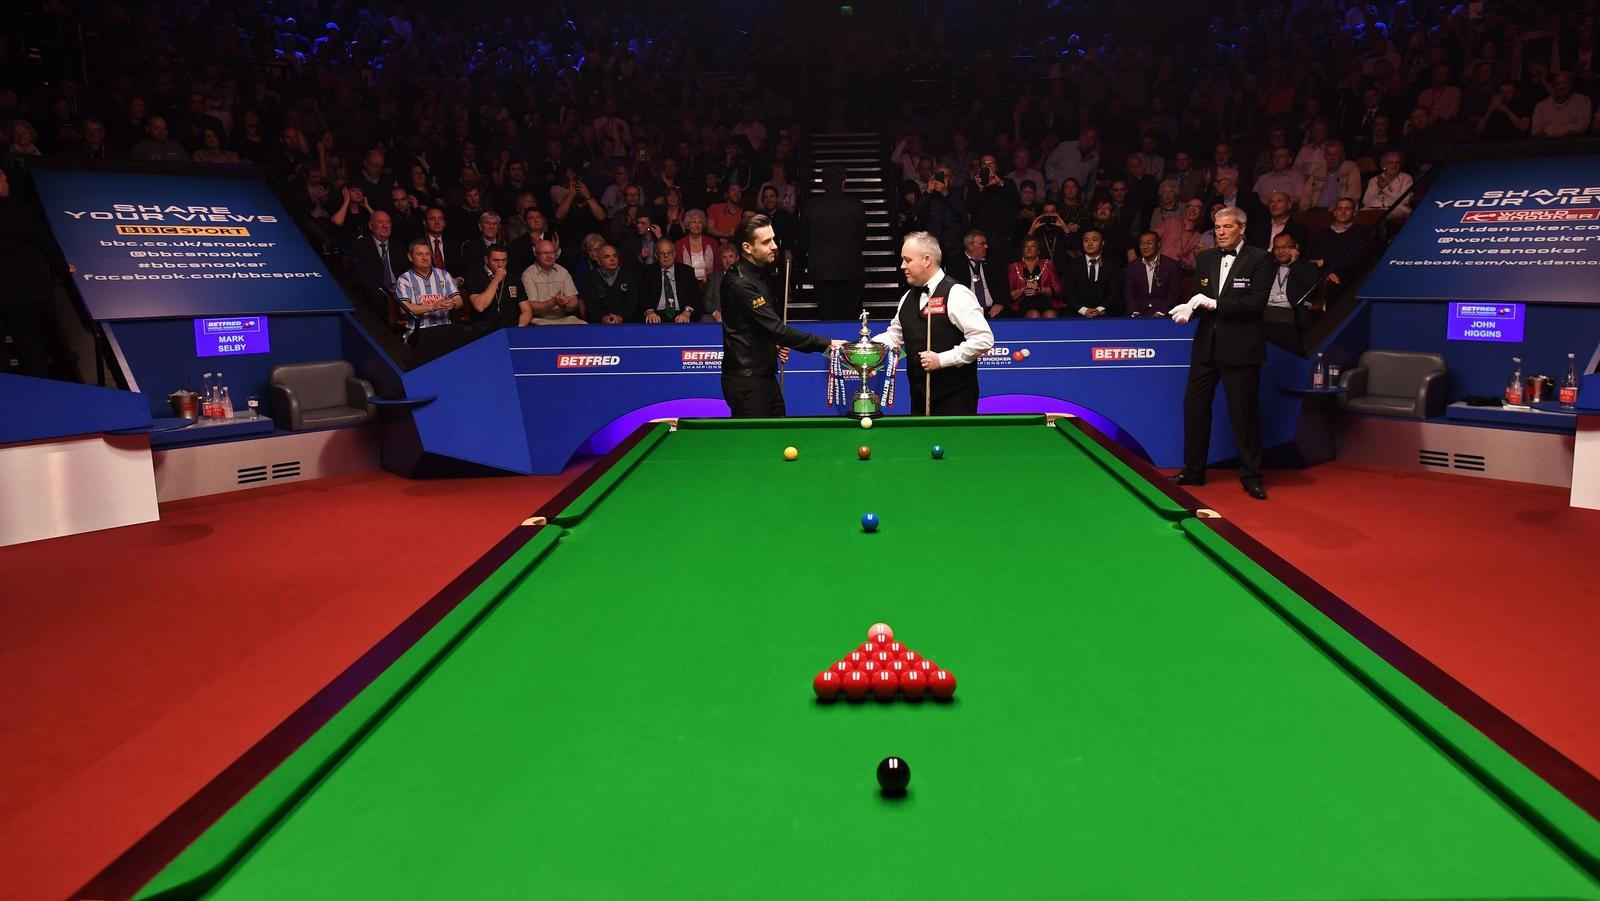 Calendrier Snooker 2021 2022 2020/2021 Snooker Season | RTÉ Sport